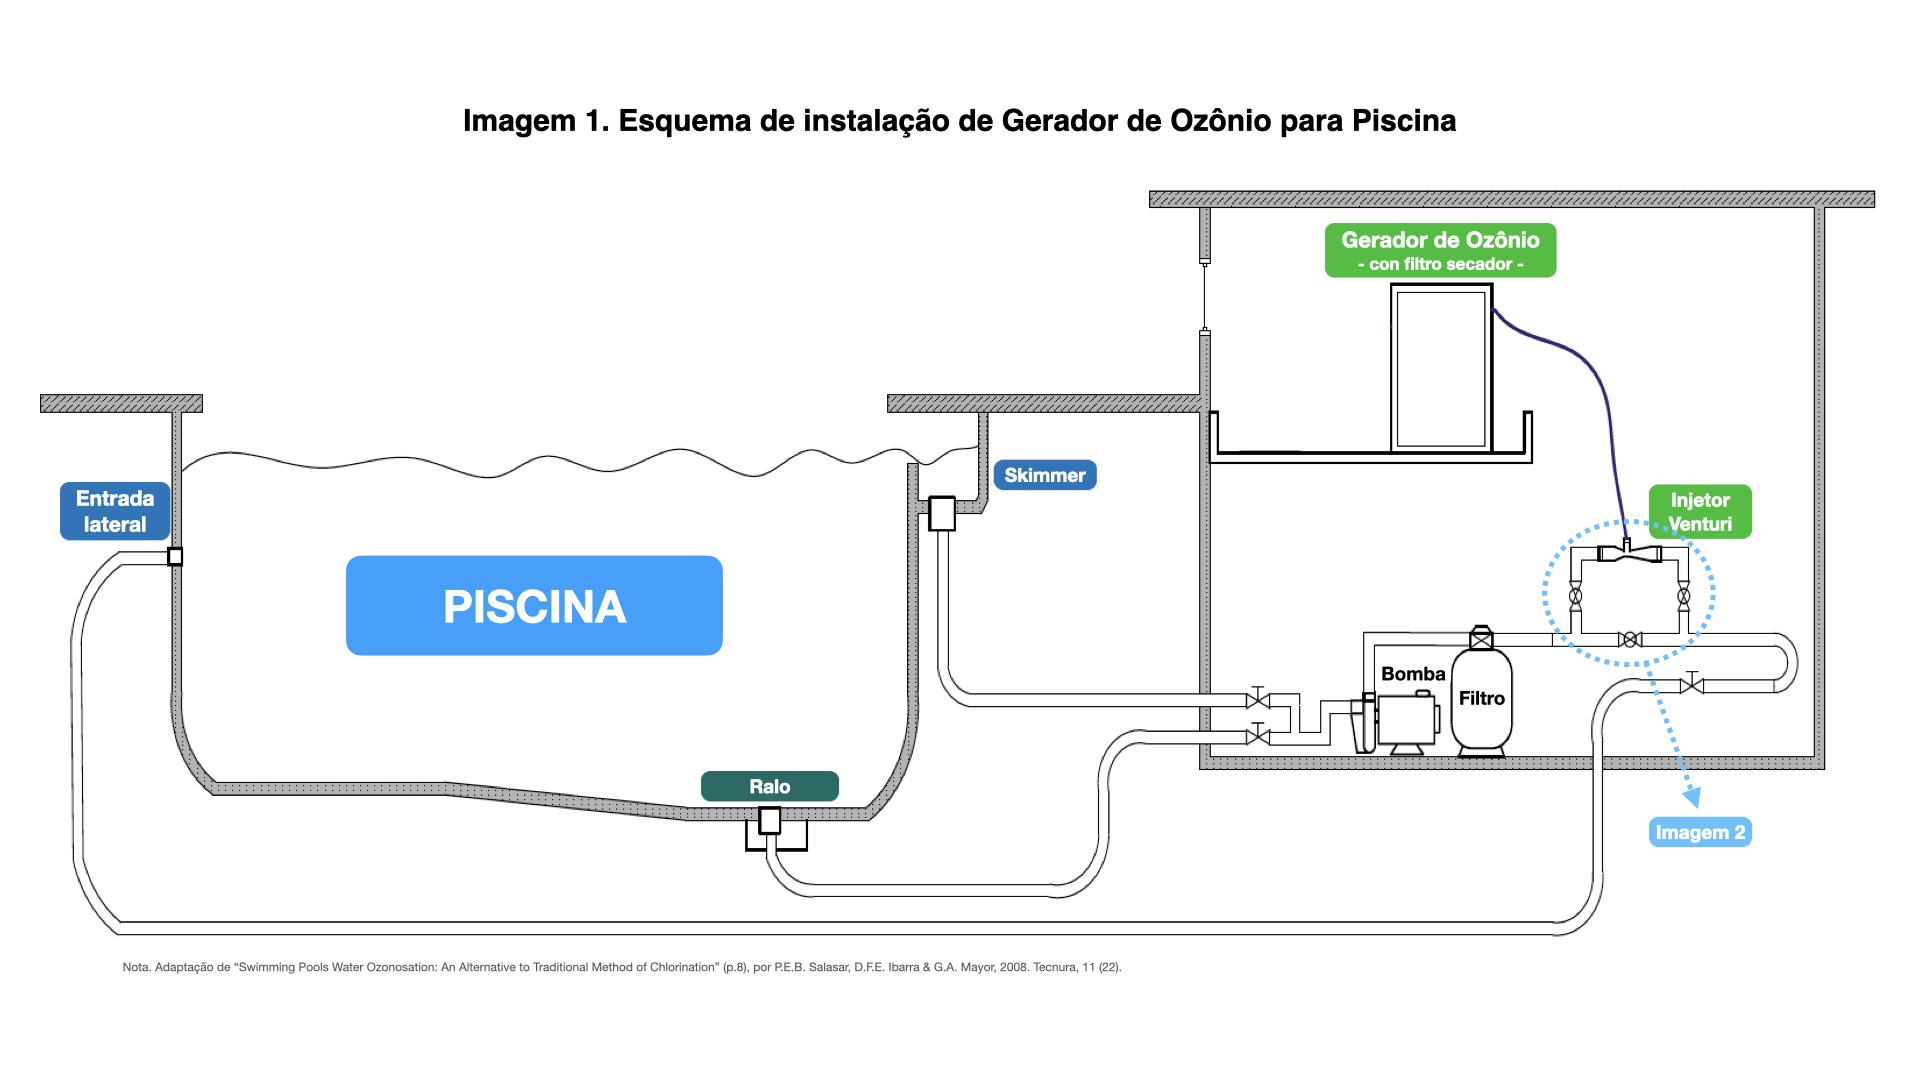 Esquema de instalação de Gerador de Ozônio para Piscina